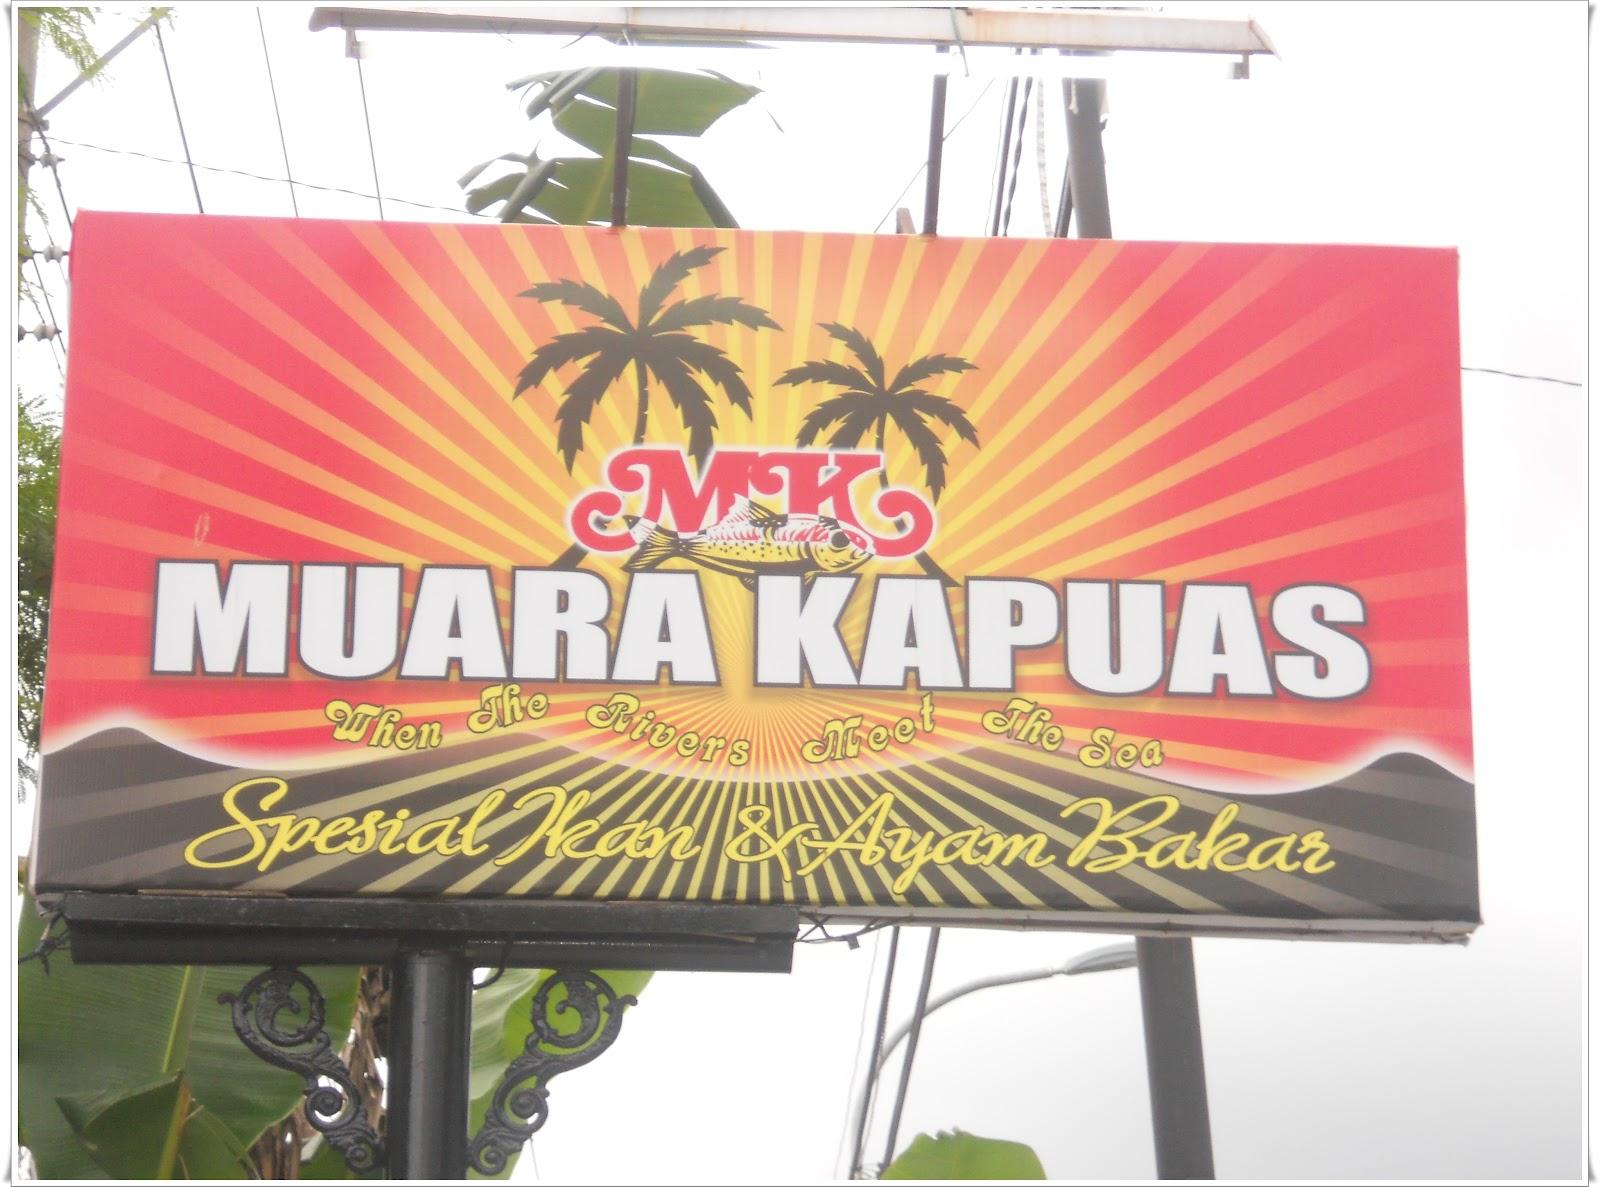 Rumah Makan Muara Kapuas - Spesial Ikan dan Ayam Bakar